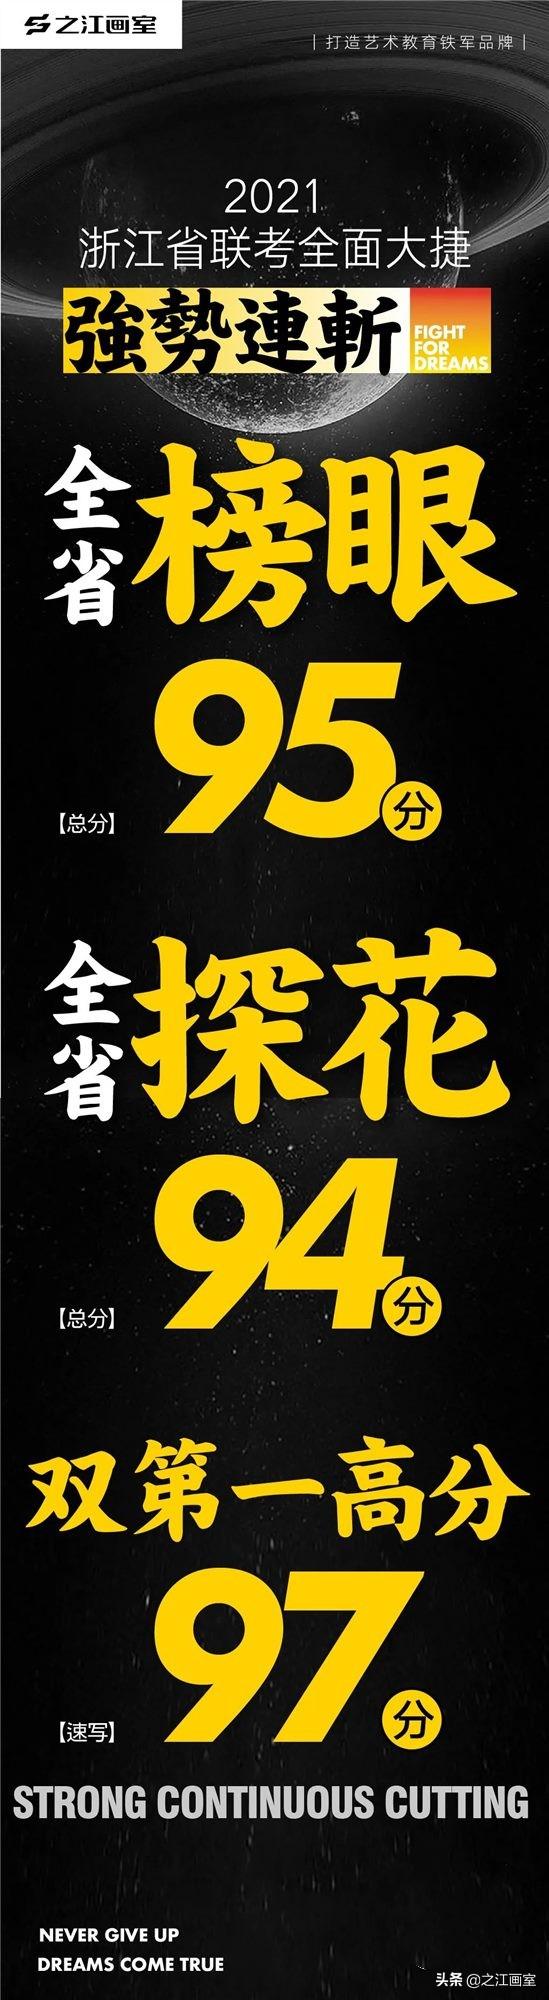 浙江联考成绩发布后!杭州前五画室排名一锤定音